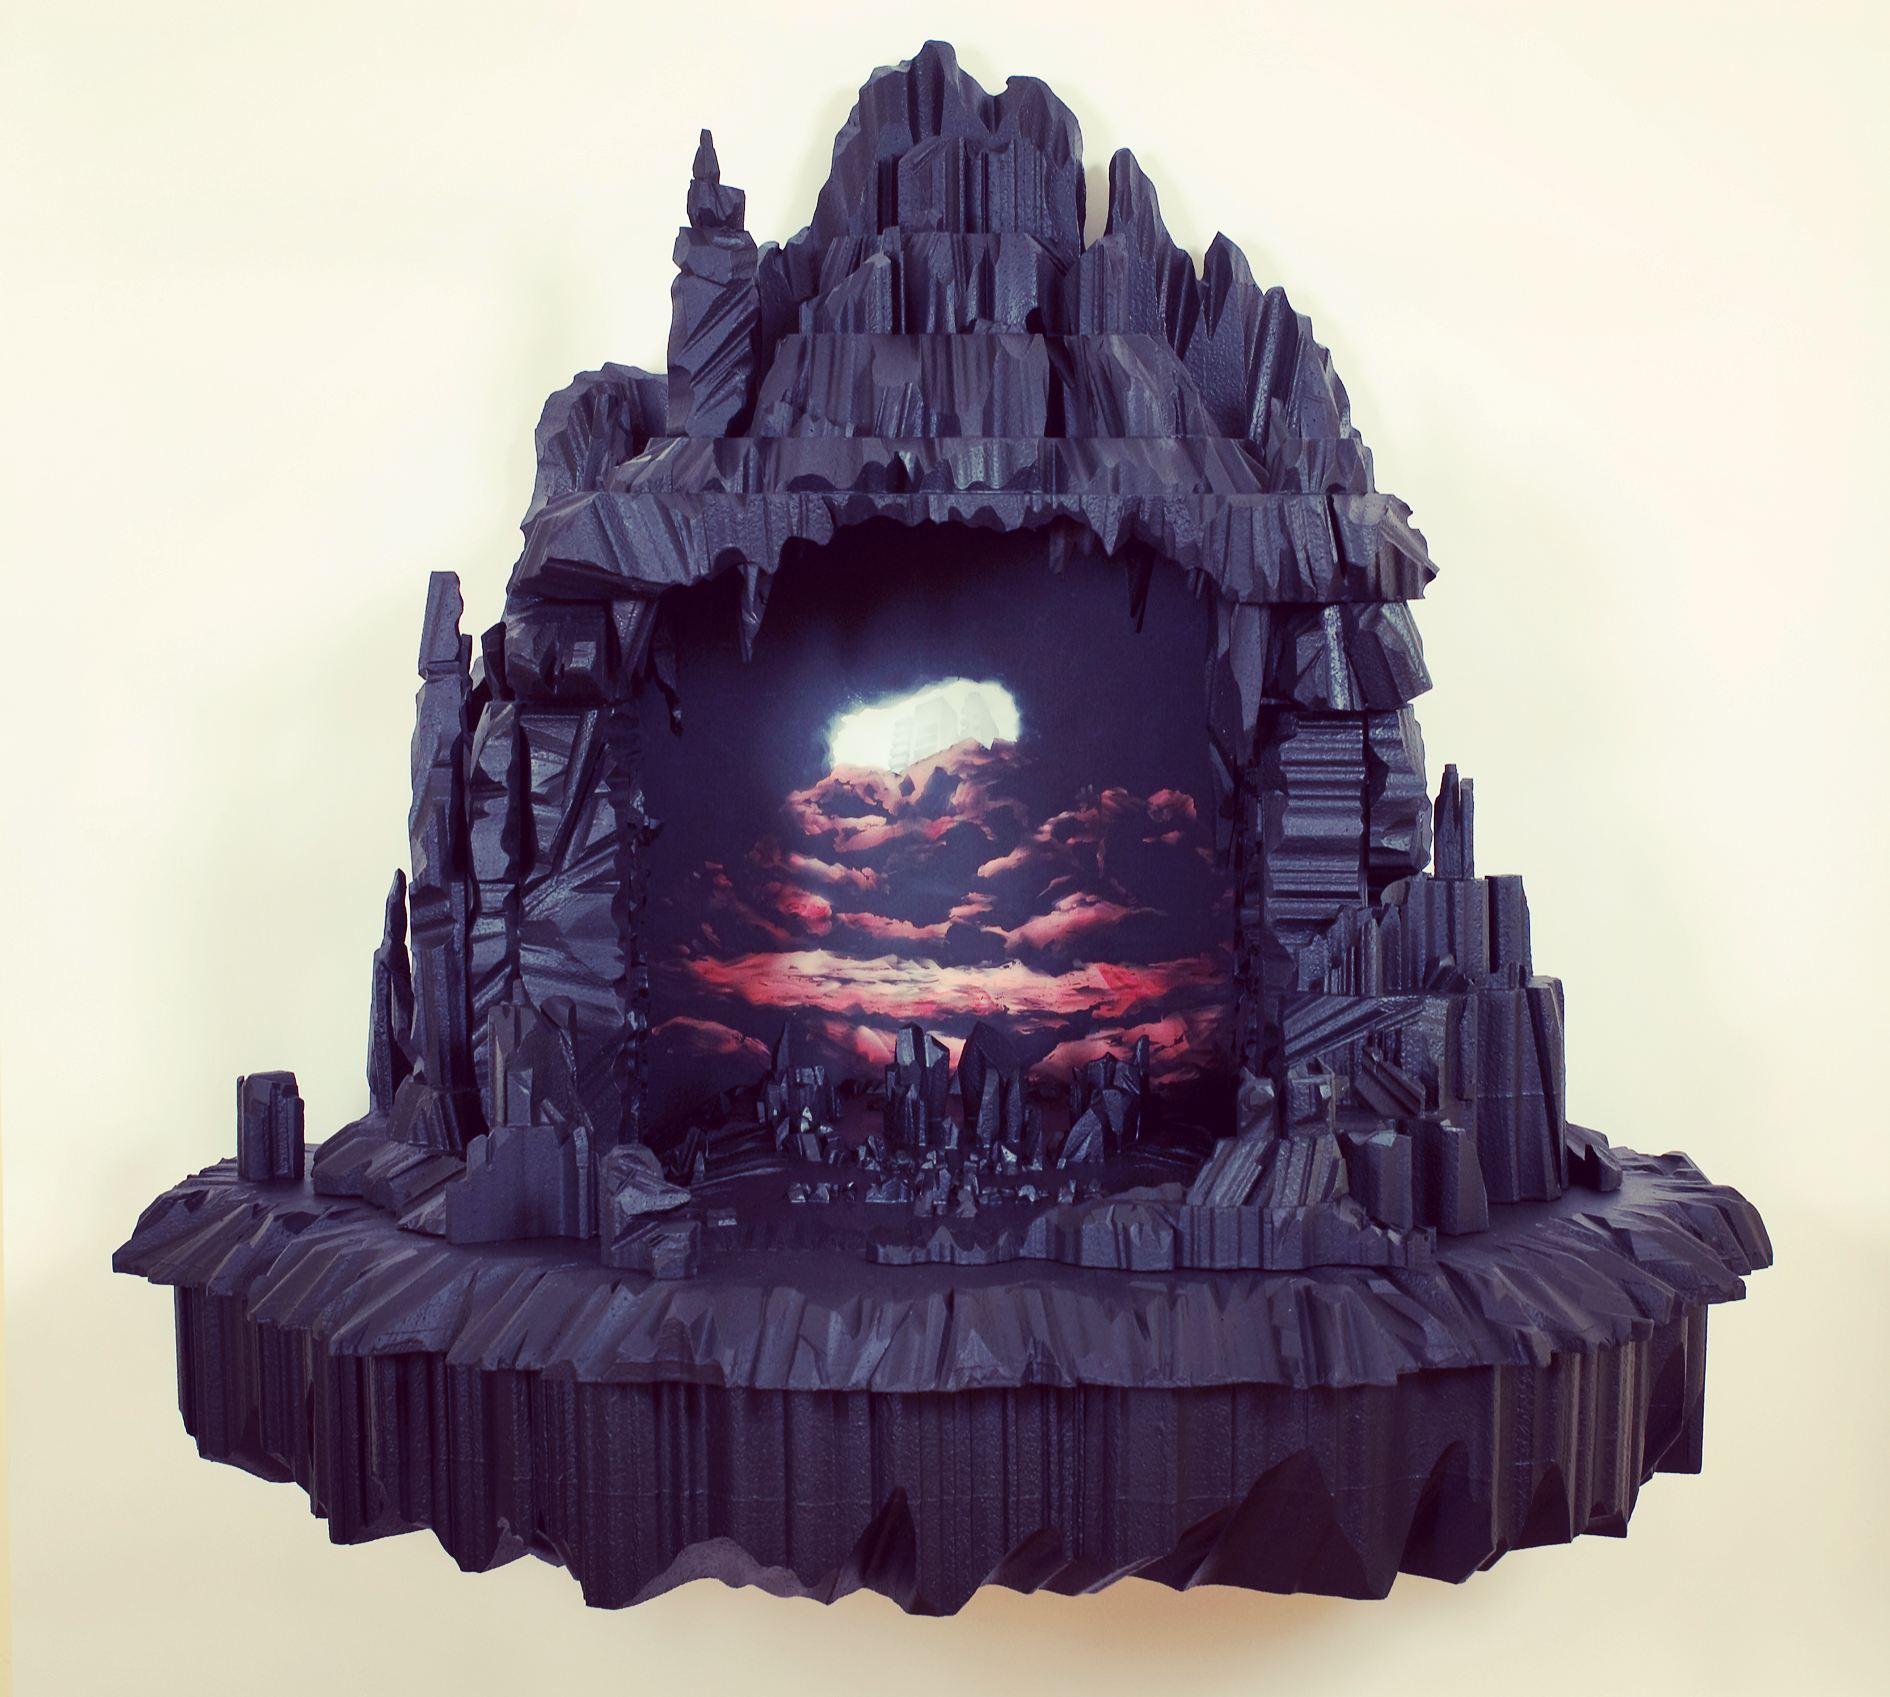 Plato's Cavern